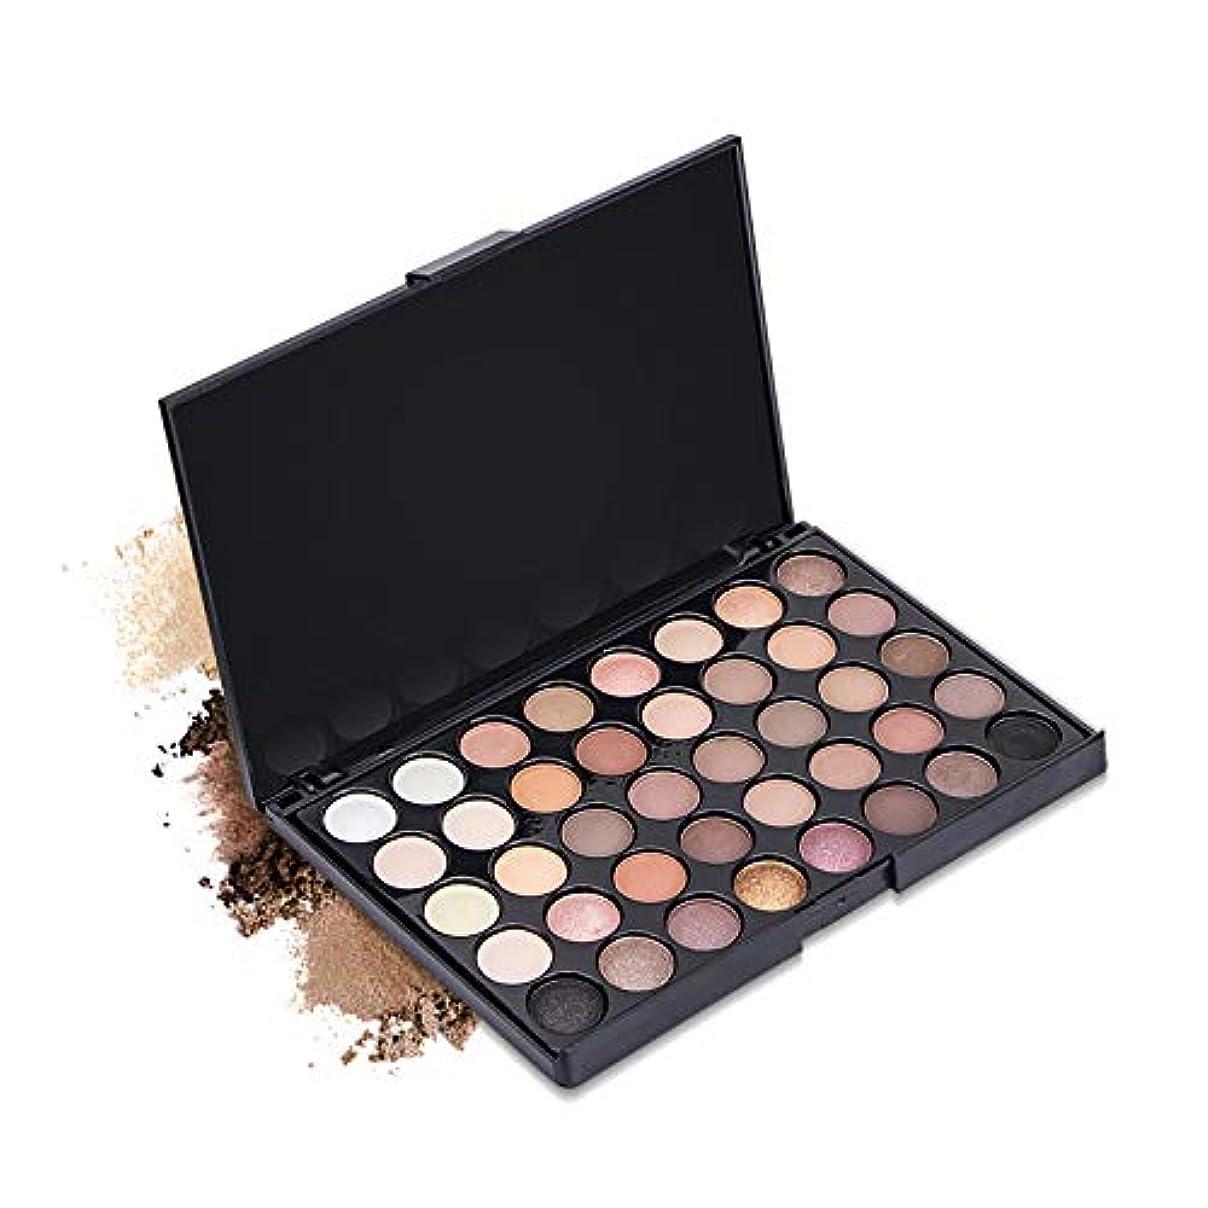 スペイン語モンスター調査40 Colors Eye Makeup Earth Pearl Shimmer Nudes Palette Matte Eyeshadow Pallete Glitter Powder Eye Shadows Cosmetic...